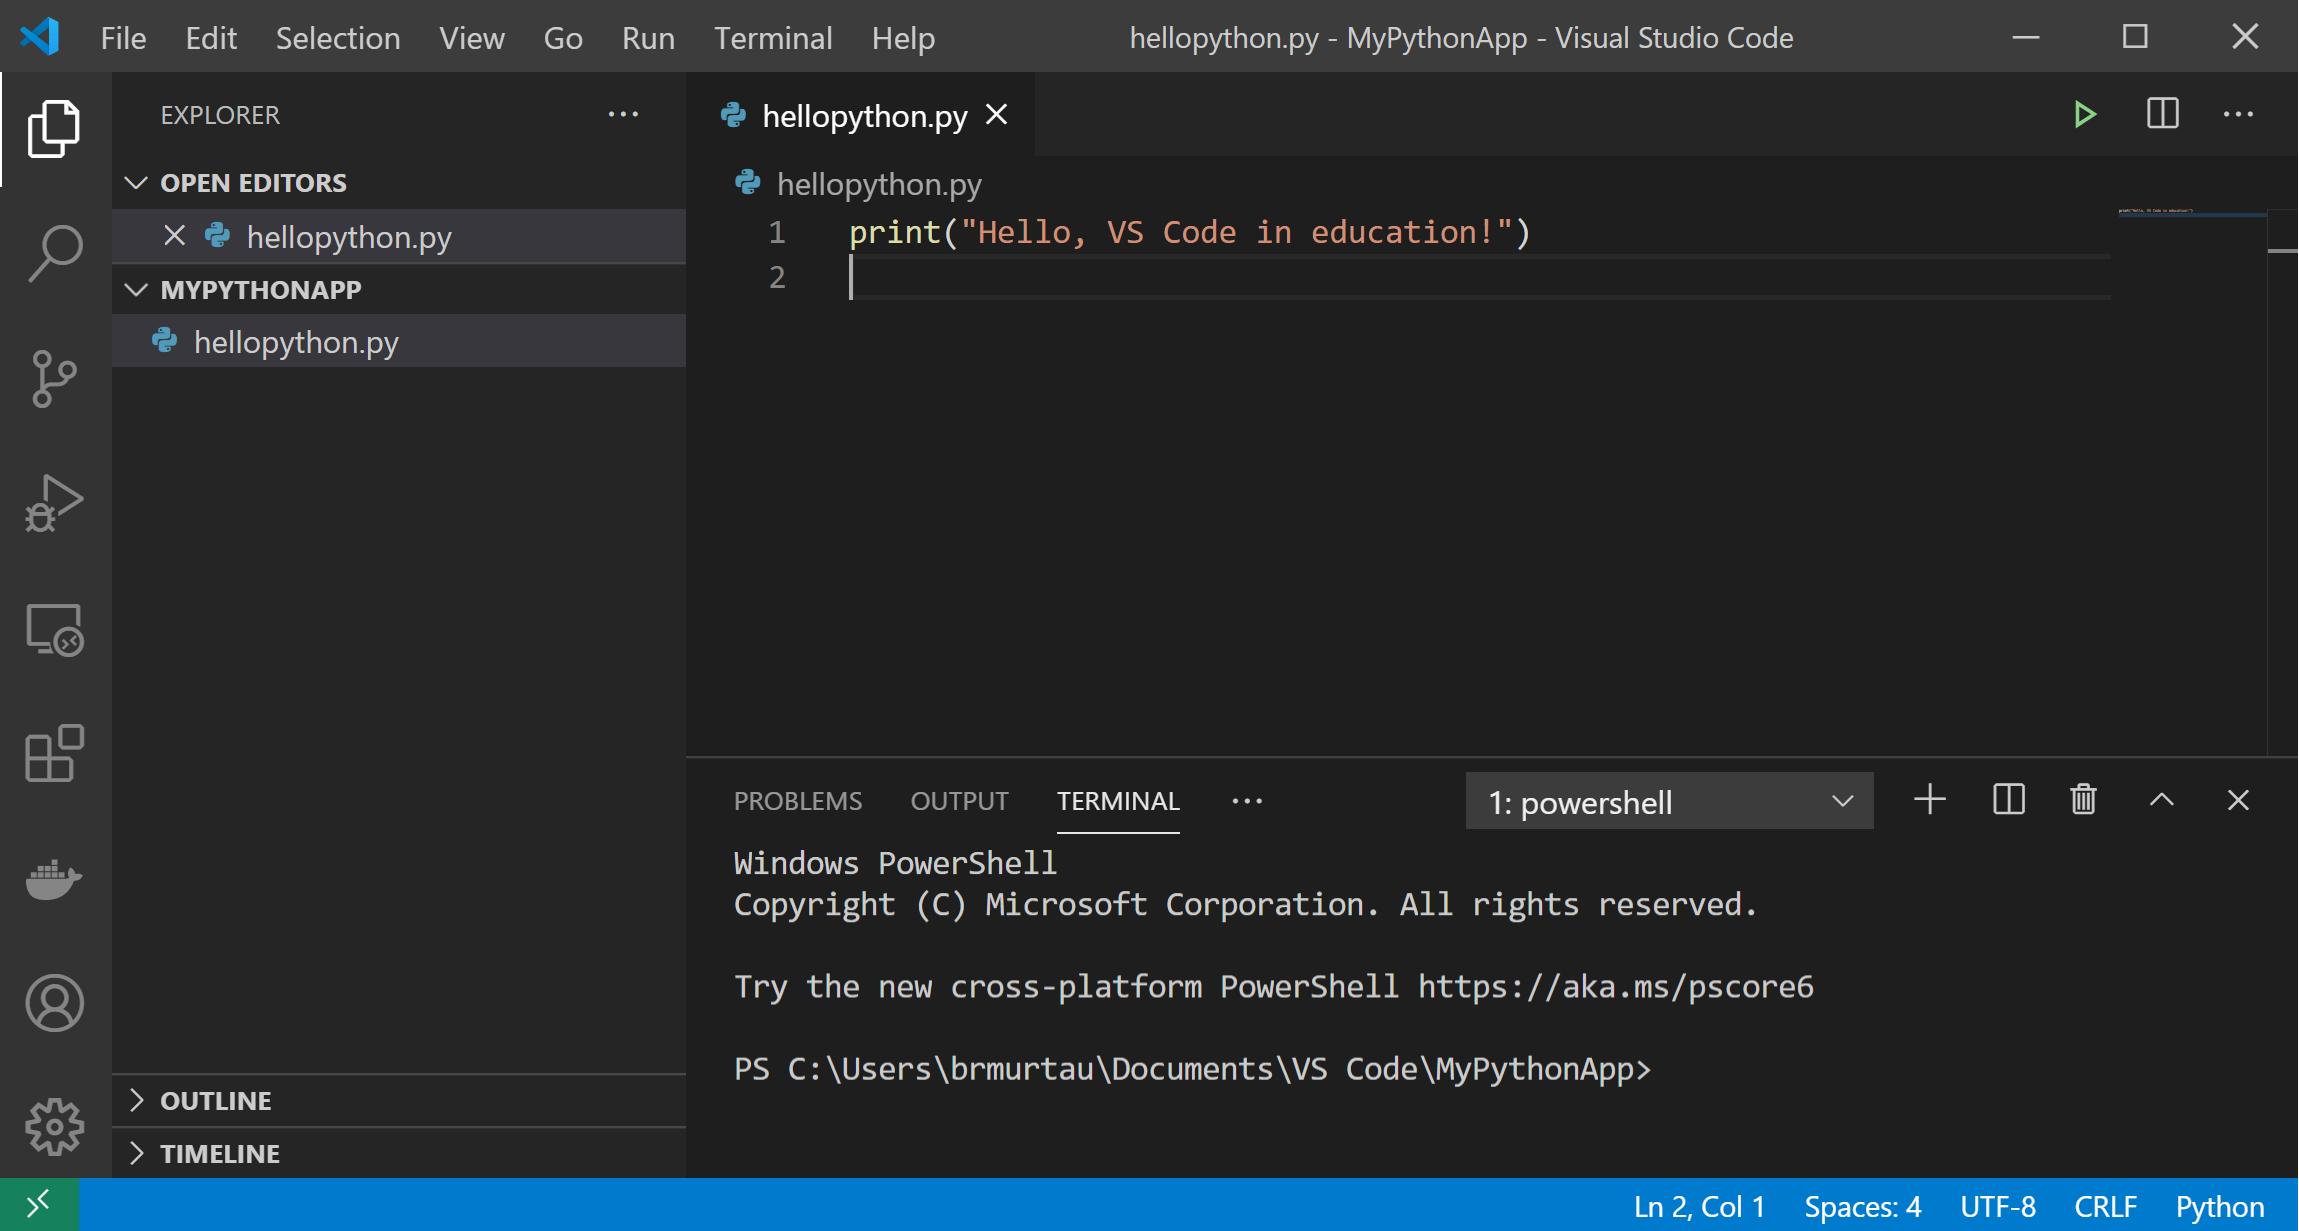 Hello world Python app